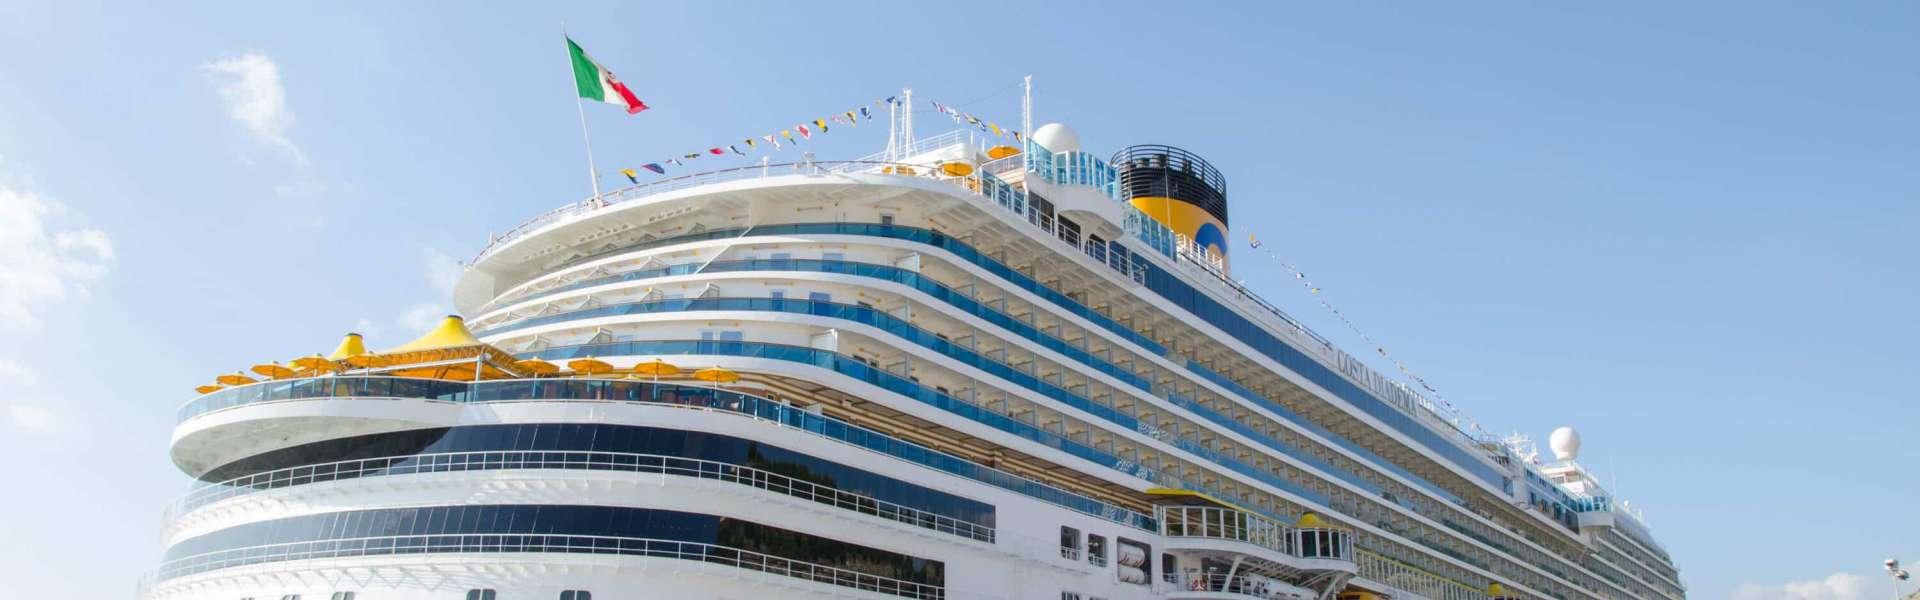 Croaziera 2019 - Mediterana de Vest (Marsilia) - Costa Cruises - Costa Diadema - 7 nopti